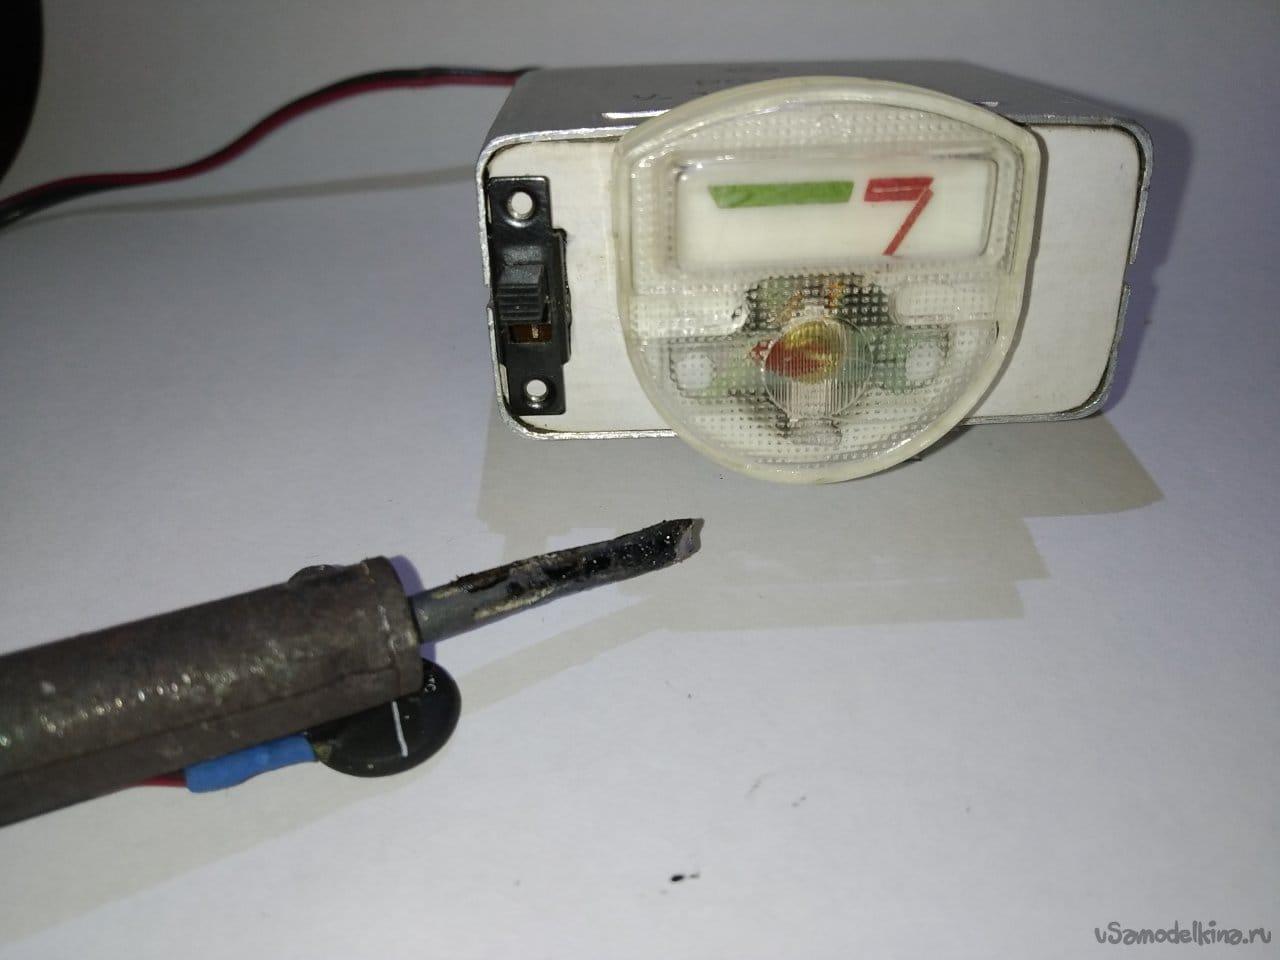 Индикатор изменения температуры с терморезистором и корпусом из реле